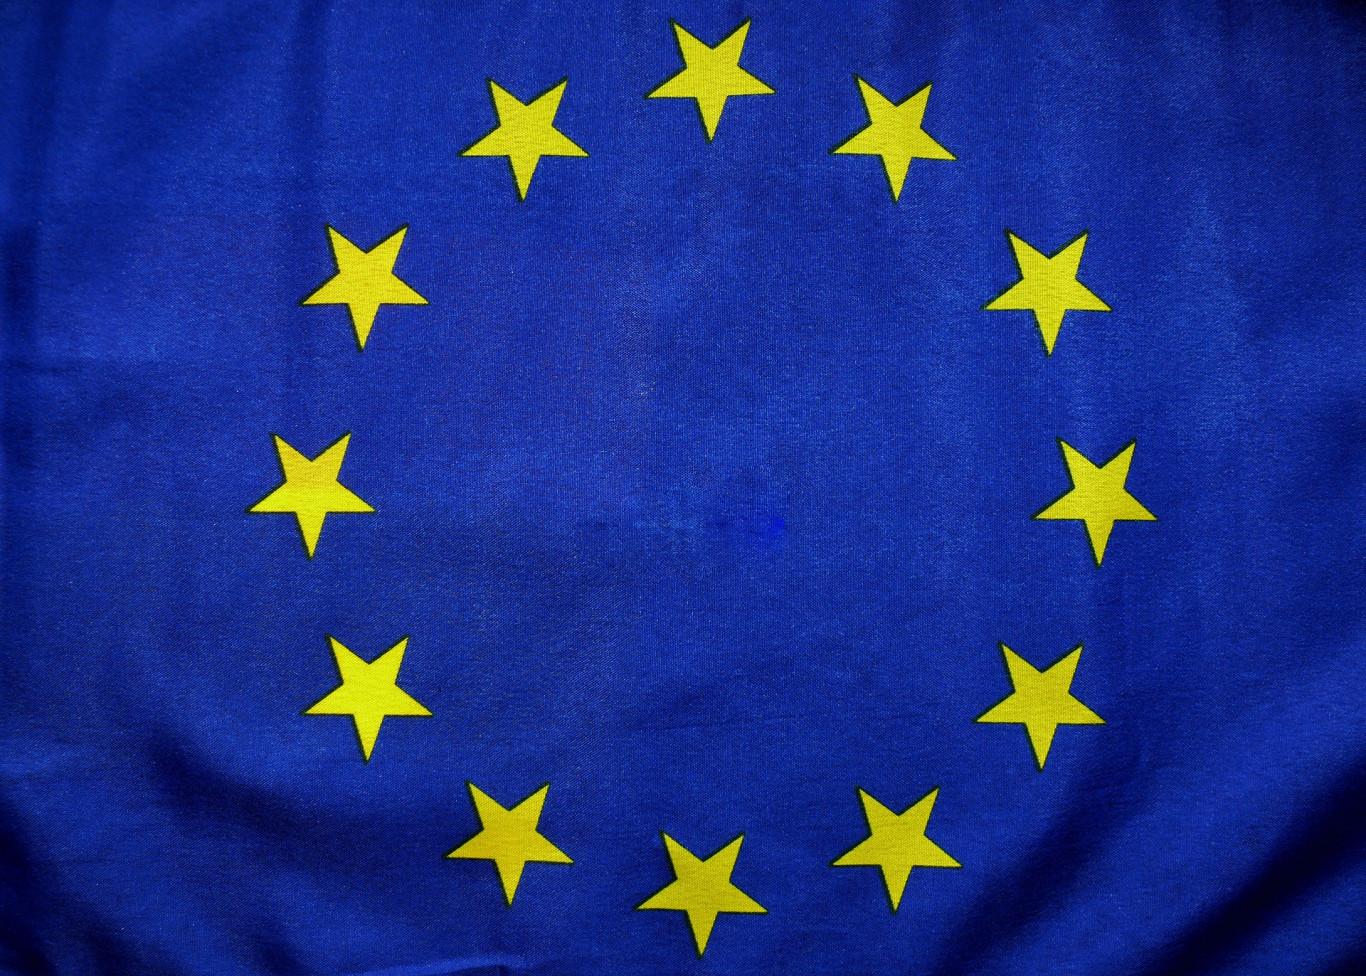 Đăng ký nhãn hiệu tại Châu Âu: Định nghĩa về nhãn hiệu, nhãn hiệu tại Châu Âu, thế nào là nhãn hiệu tại Châu Âu, định nghĩa về nhãn hiệu tại Châu Âu